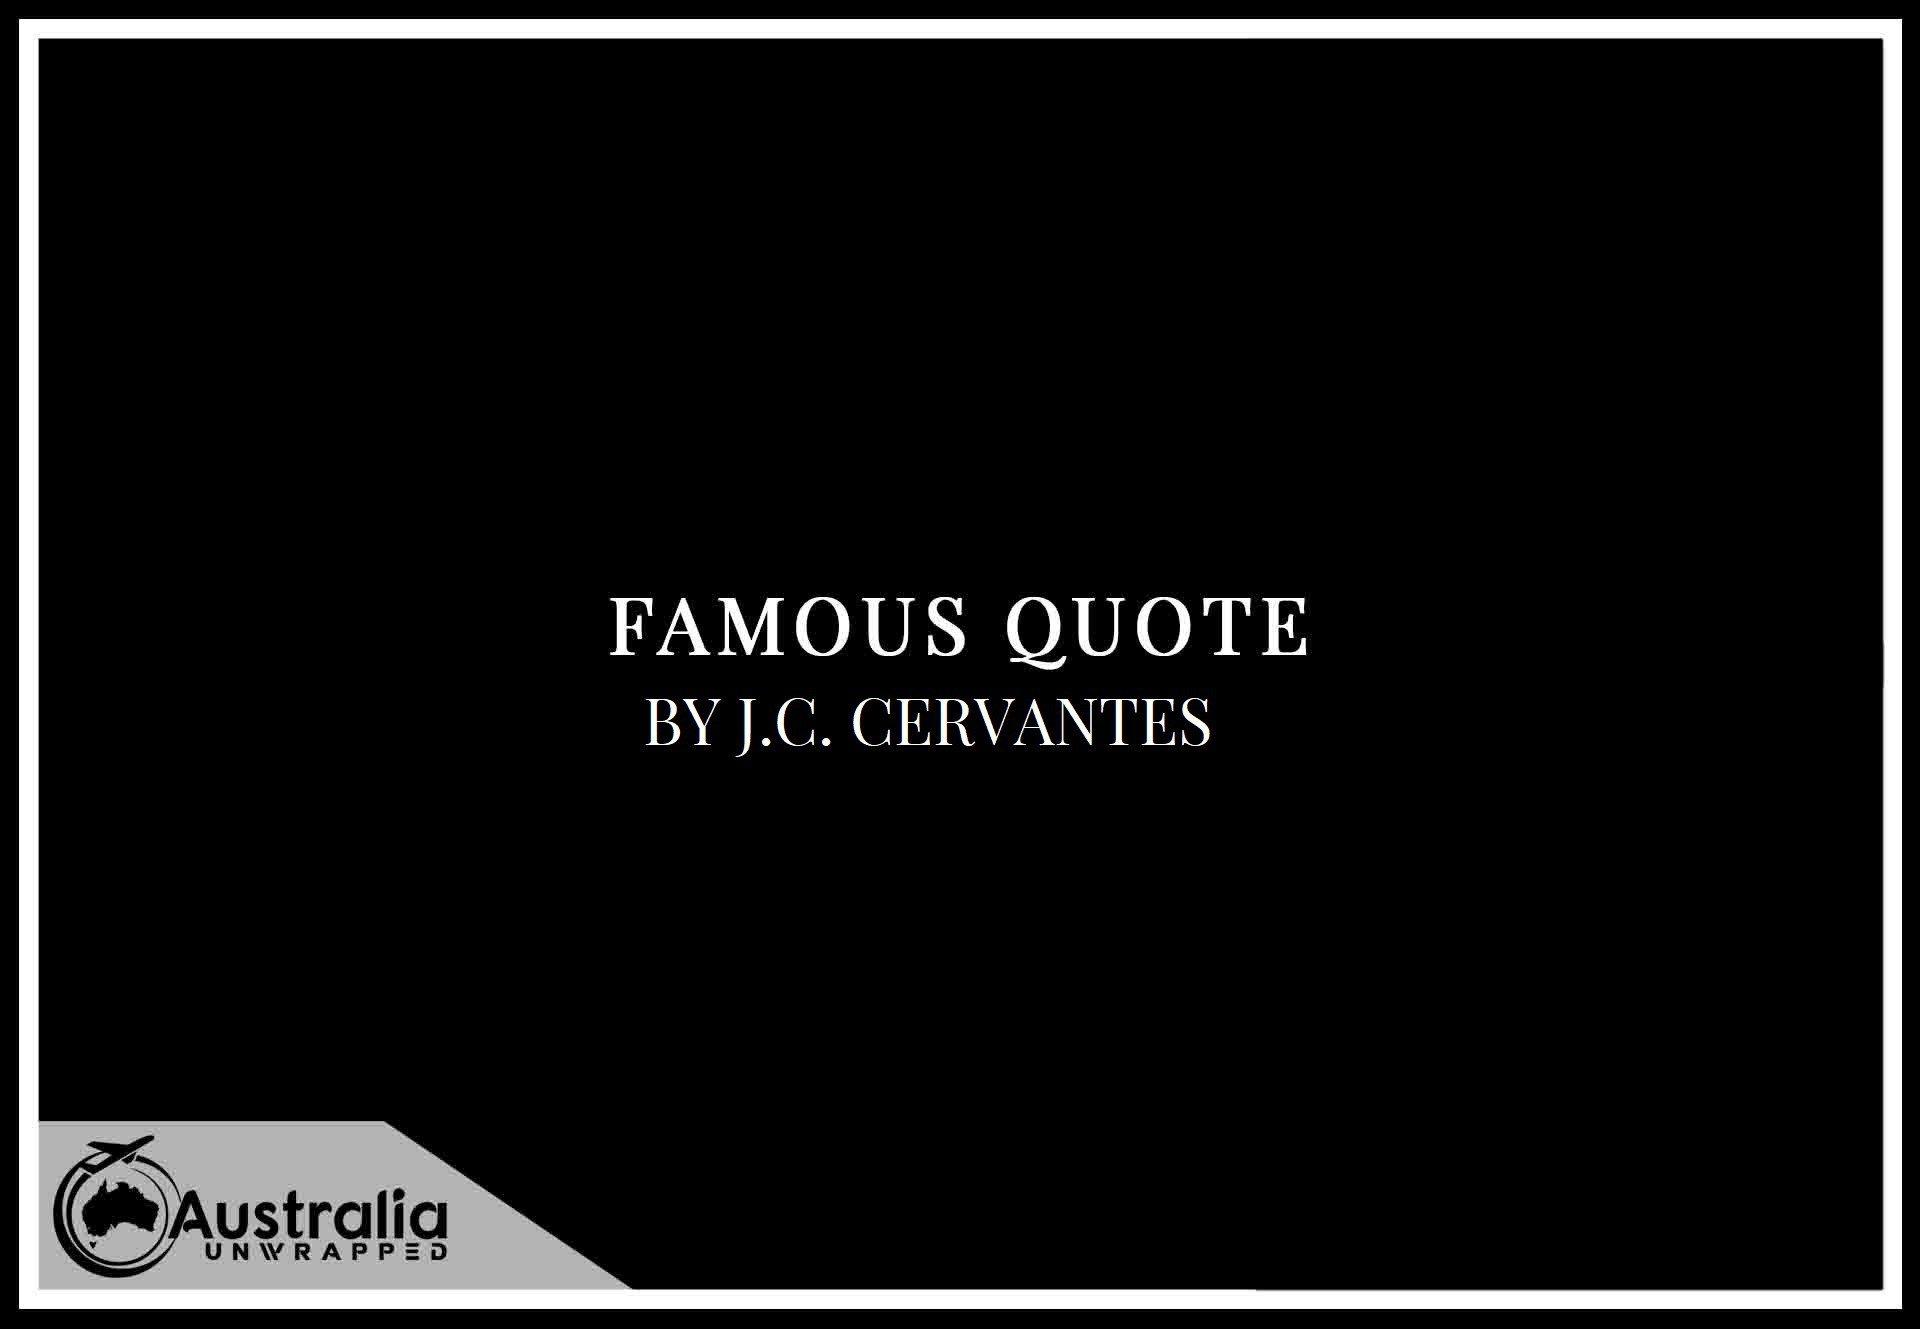 Top 1 Famous Quotes by Author J.C. Cervantes